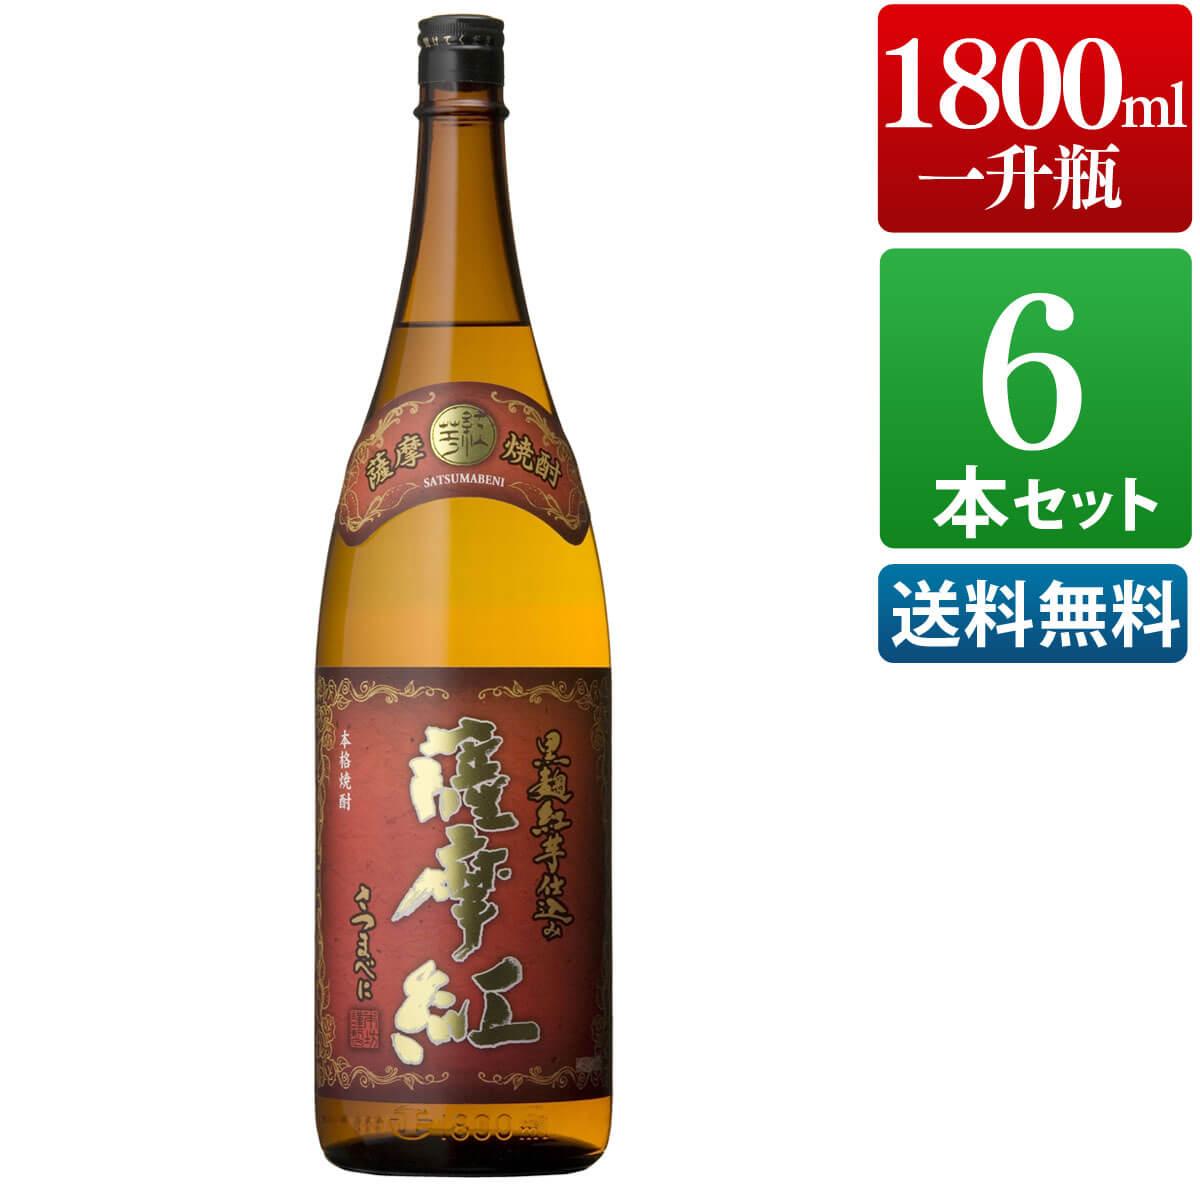 芋焼酎 6本セット 薩摩紅 25度 1800ml [ 本坊酒造 紅芋 焼酎 / 送料無料 ] 【本坊酒造 公式通販】